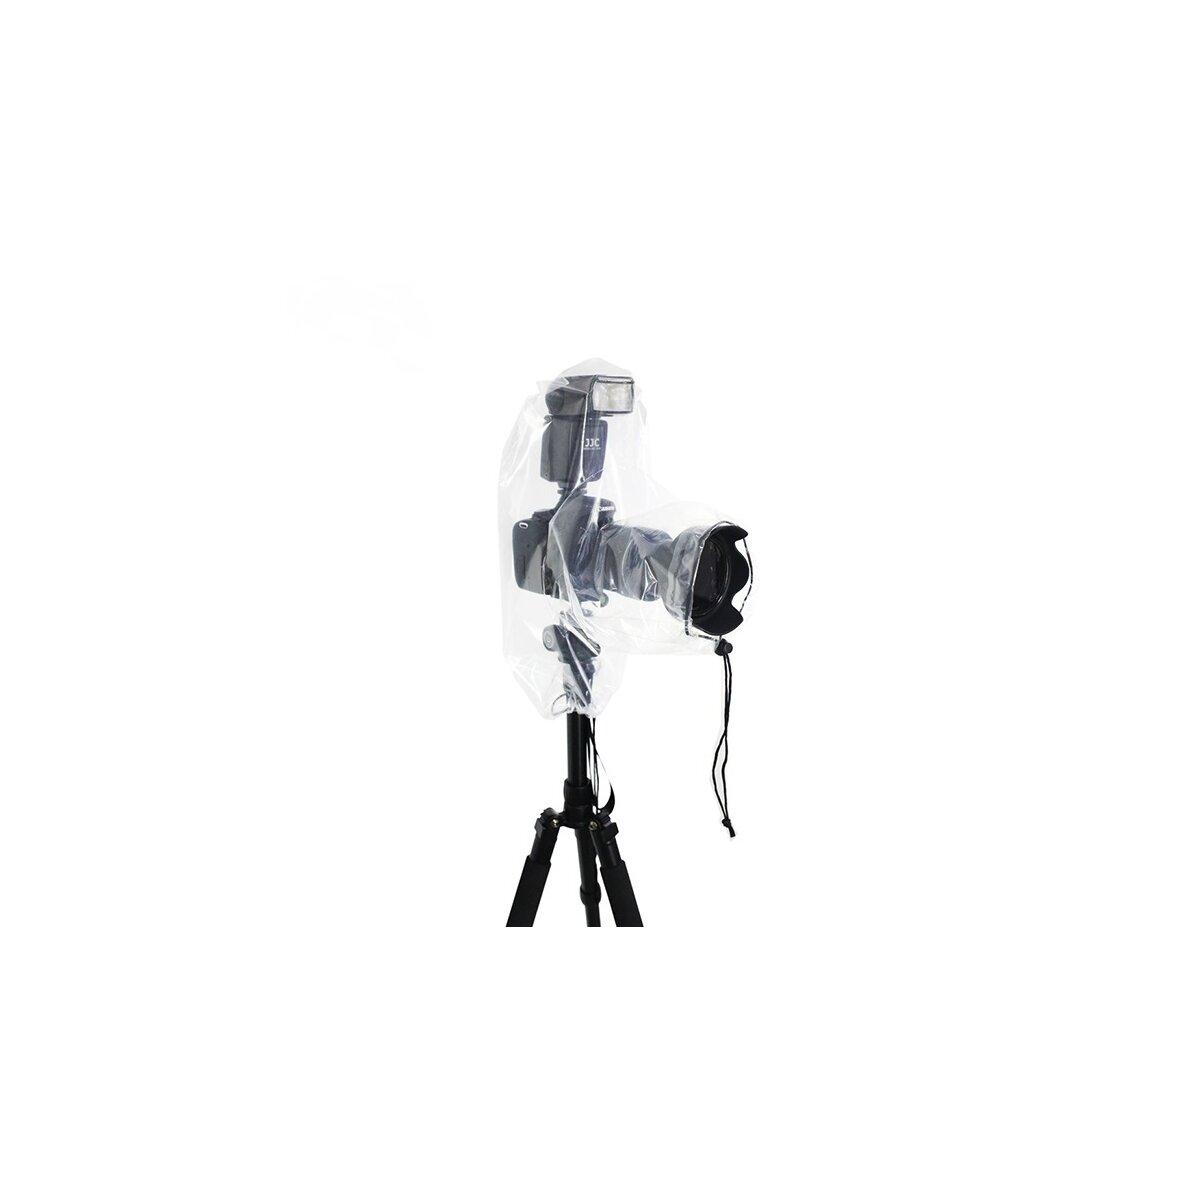 Impulsfoto JJC Kamera Regenschutzhülle, Rain Cover Wasserdicht   Durchsichtige Schutzhülle für kleine DSLR Kameras mit Objektiv bis 25cm Länge